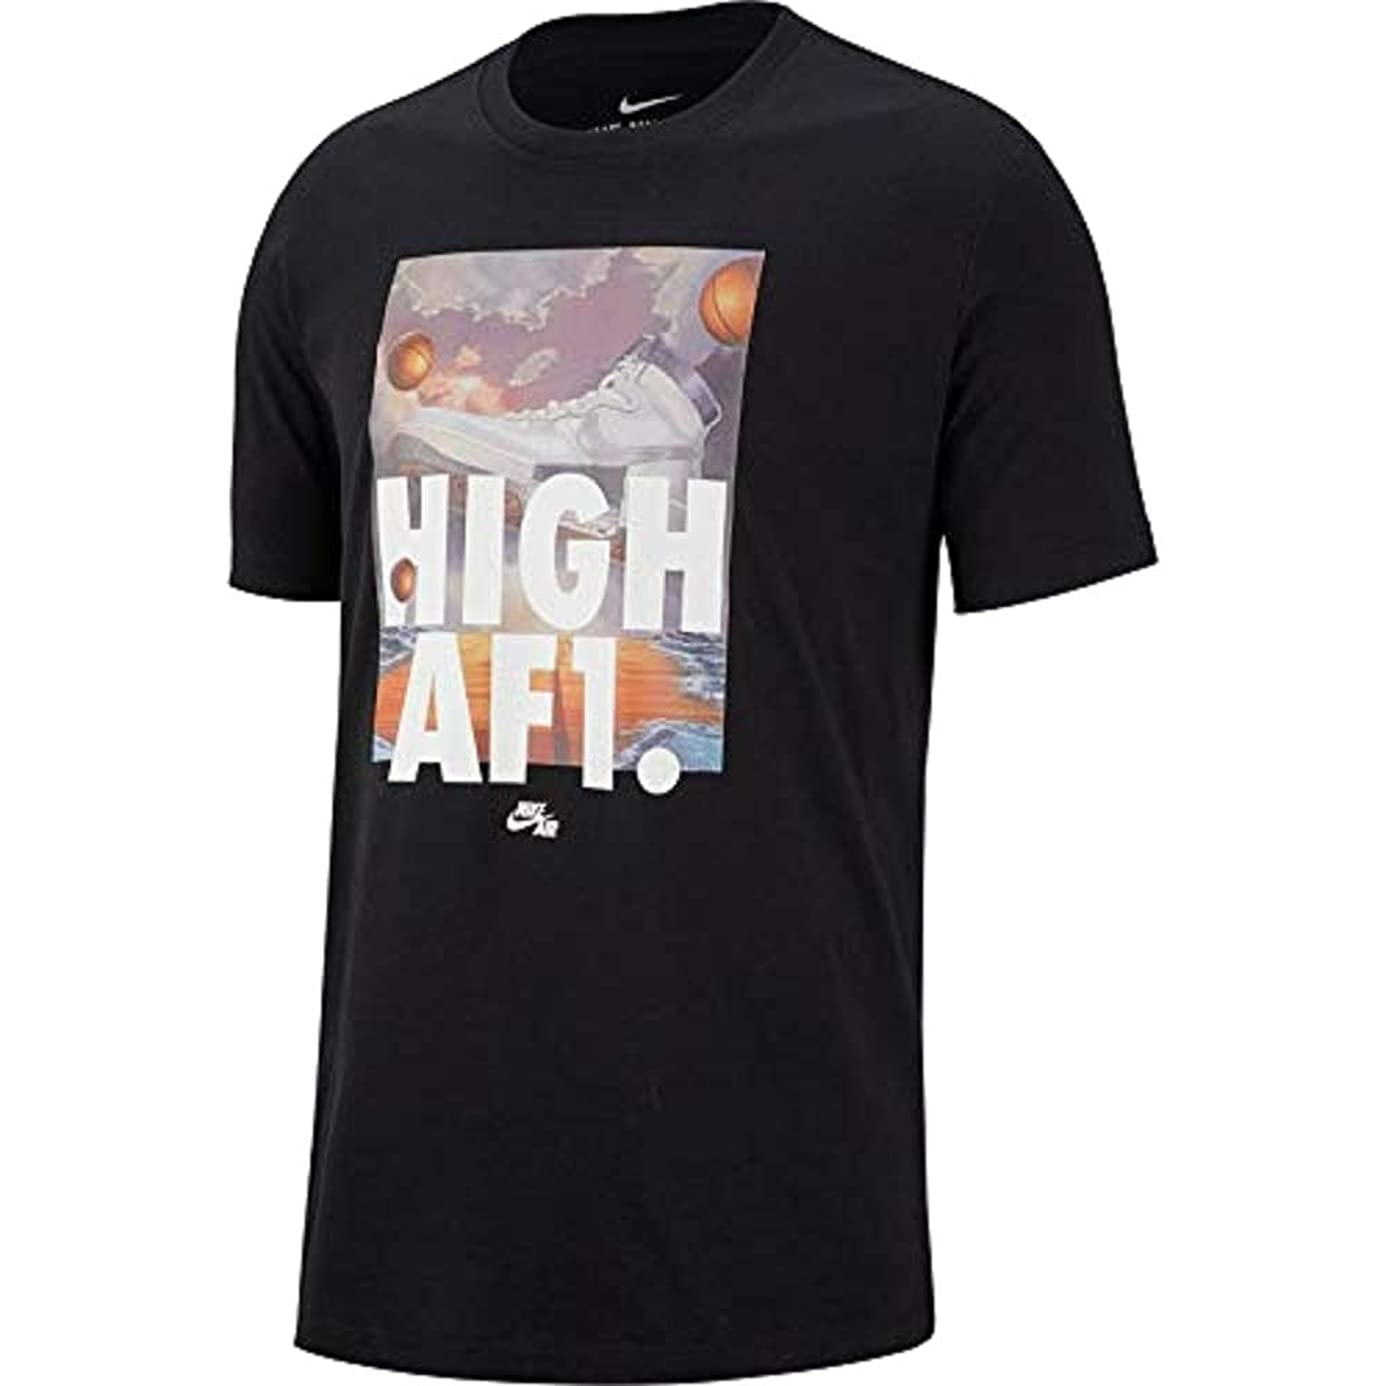 Nike Sportswear Mens High AF1 T-Shirt Black AR5042-010